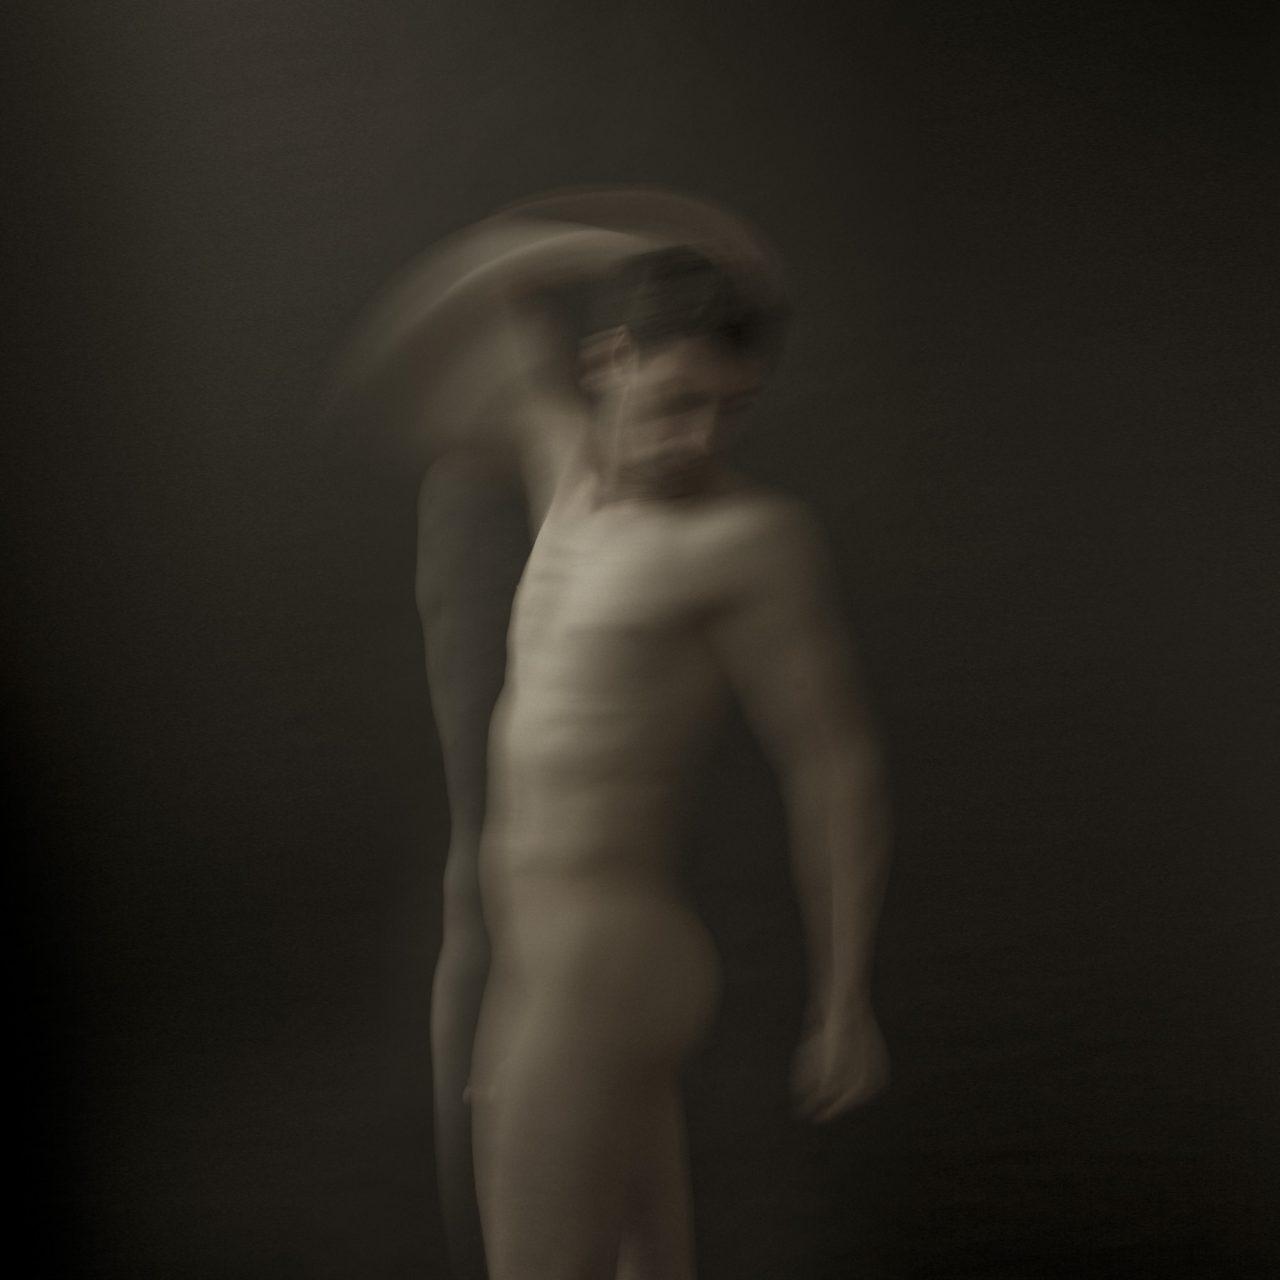 A la maniere noire Stephan Norsic photographe